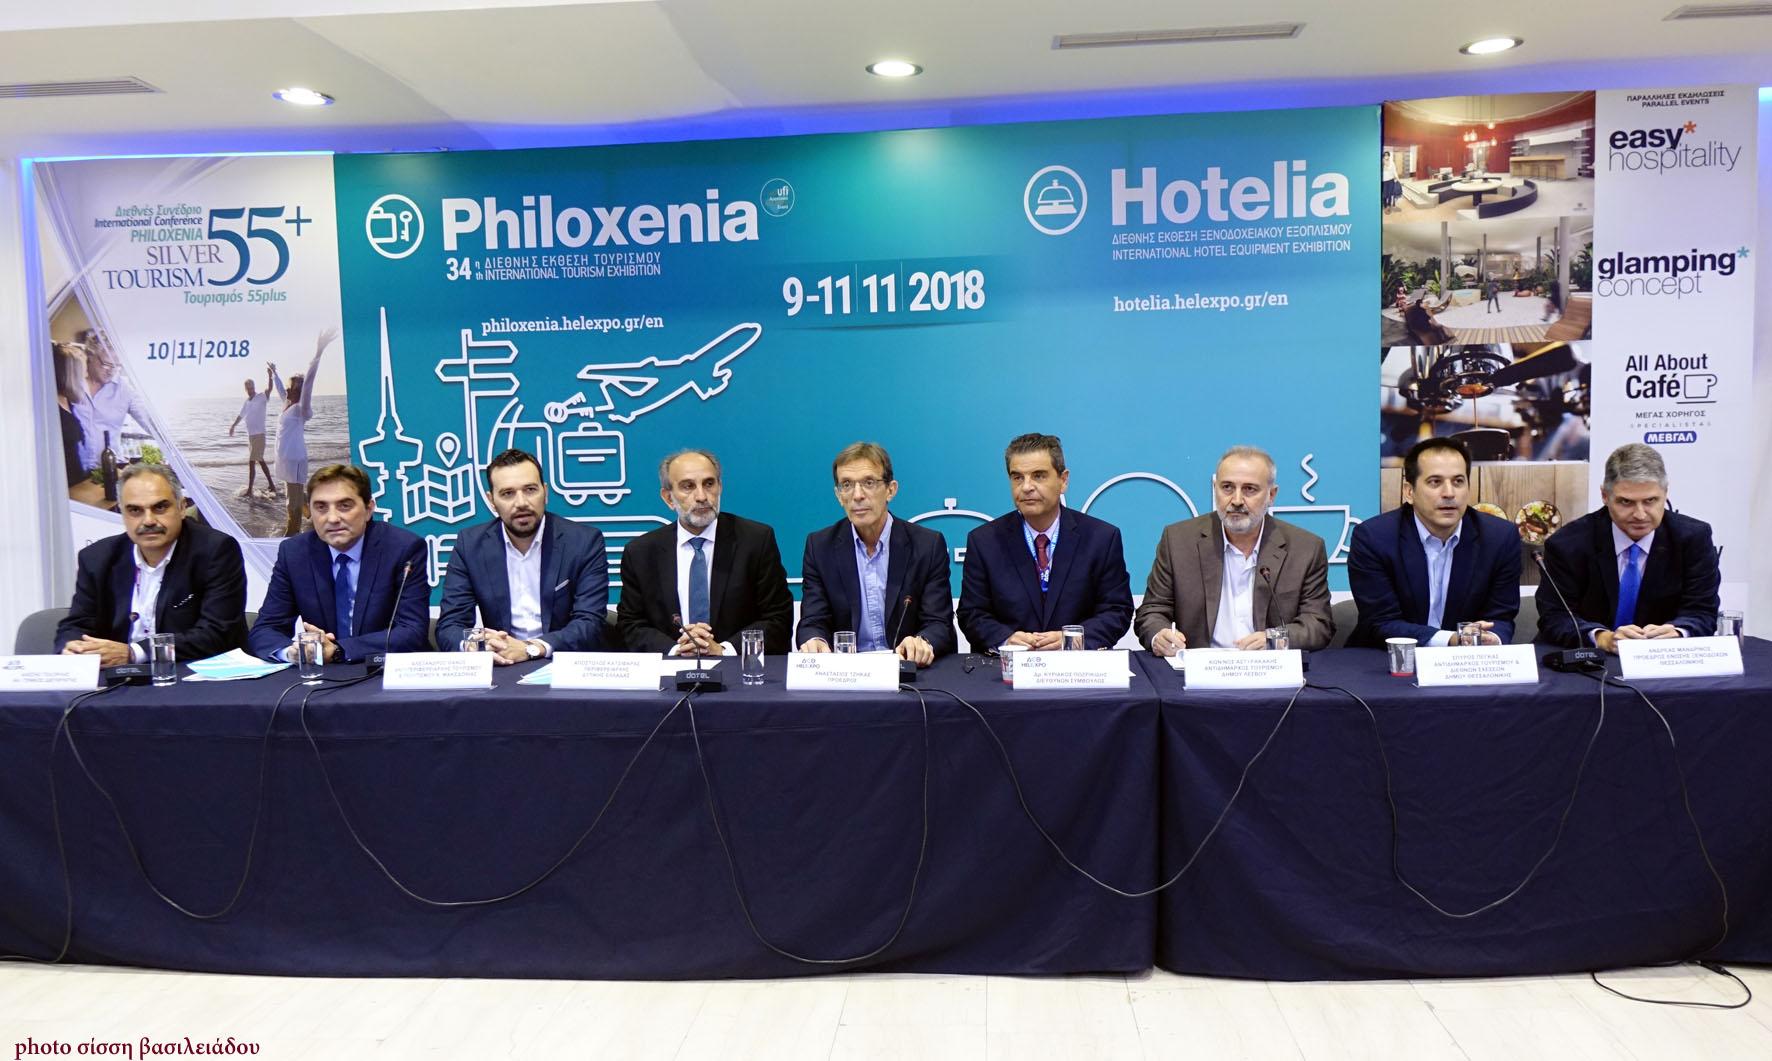 Ο αναπληρωτής γενικός διευθυντής της ΔΕΘ-Helexpo, κ. Αλέξης Τσαξιρλής, ο Αντιπεριφερειάρχης Περιφερειακής Ανάπτυξης και Επιχειρηματικότητας Δυτικής Ελλάδας, κ. Κώστας Καρπέτας, ο Αντιπεριφερειάρχης Τουρισμού και Πολιτισμού της Κεντρικής Μακεδονίας, κ. Αλέξανδρος Θάνος, ο Περιφερειάρχης Δυτικής Ελλάδας, κ. Απόστολος Κατσιφάρας, ο Πρόεδρος της ΔΕΘ-Helexpo, κ. Τάσος Τζήκας, ο διευθύνων σύμβουλος της ΔΕΘ-Helexpo, κ. Κυριάκος Ποζρικίδης, ο αντιδήμαρχος Τουρισμού του δήμου Λέσβου, κ. Κωνσταντίνος Αστυρακάκης, ο αντιδήμαρχος Τουριστικής Ανάπτυξης και Διεθνών Σχέσεων του Δήμου Θεσσαλονίκης, κ. Σπύρος Πέγκας και ο πρόεδρος της Ένωσης Ξενοδόχων Θεσσαλονίκης, κ. Ανδρέας Μανδρίνος.